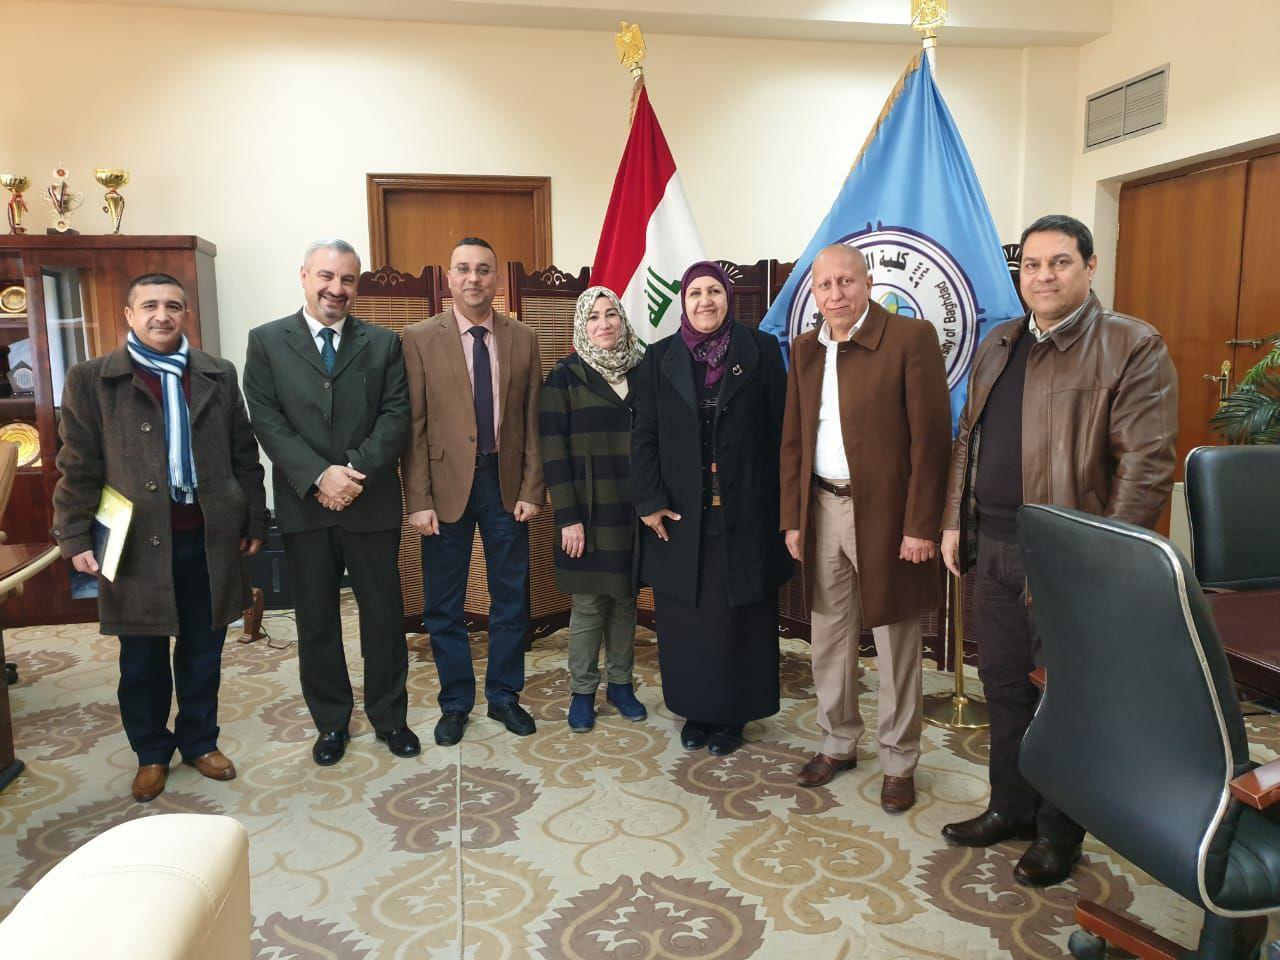 مدير قسم الاعلام والعلاقات العامة في رئاسة جامعة بغداد يزور كلية العلوم